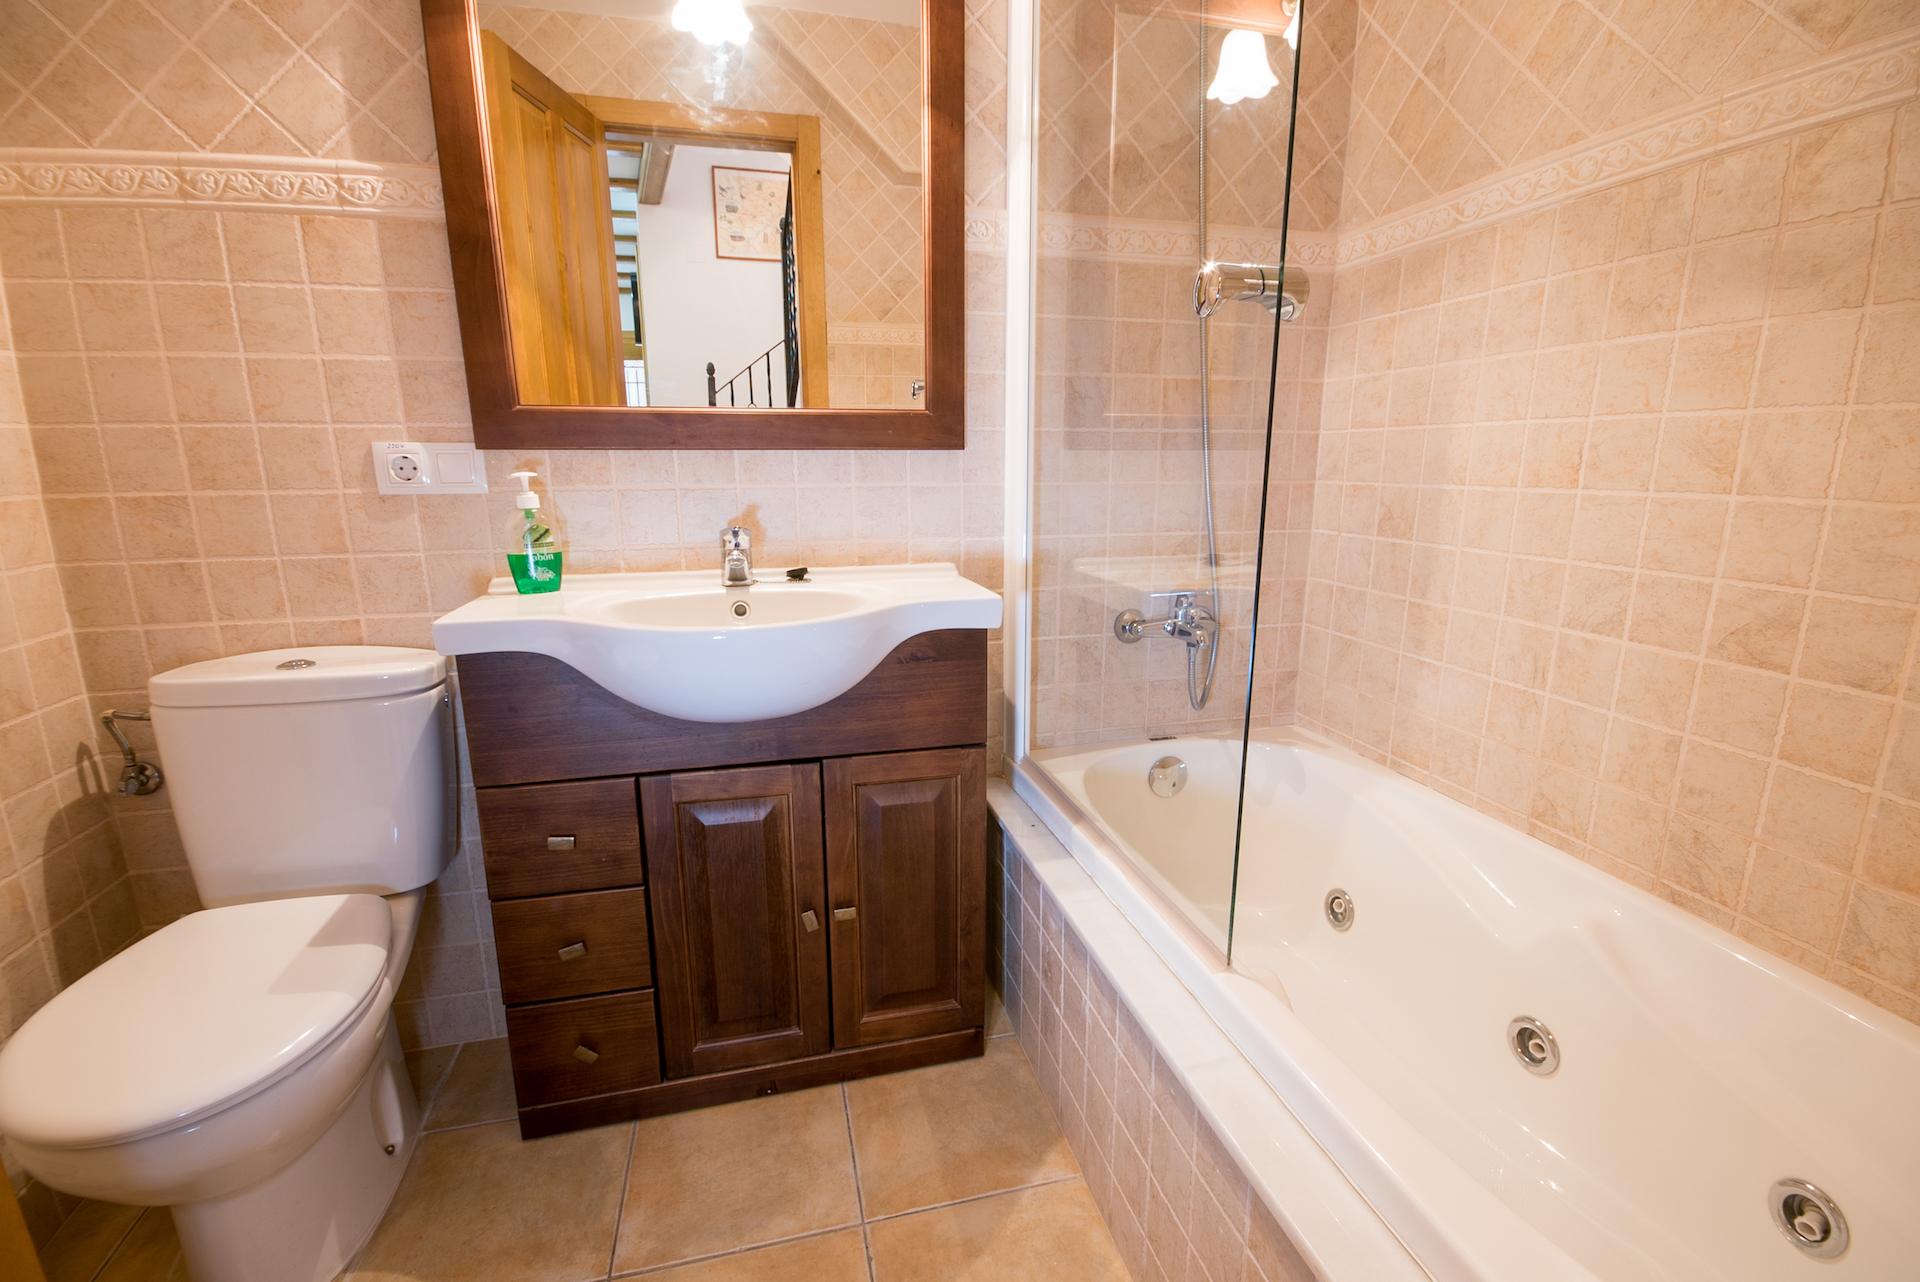 Benafer - Casa Arminda - Baño con hidromasaje